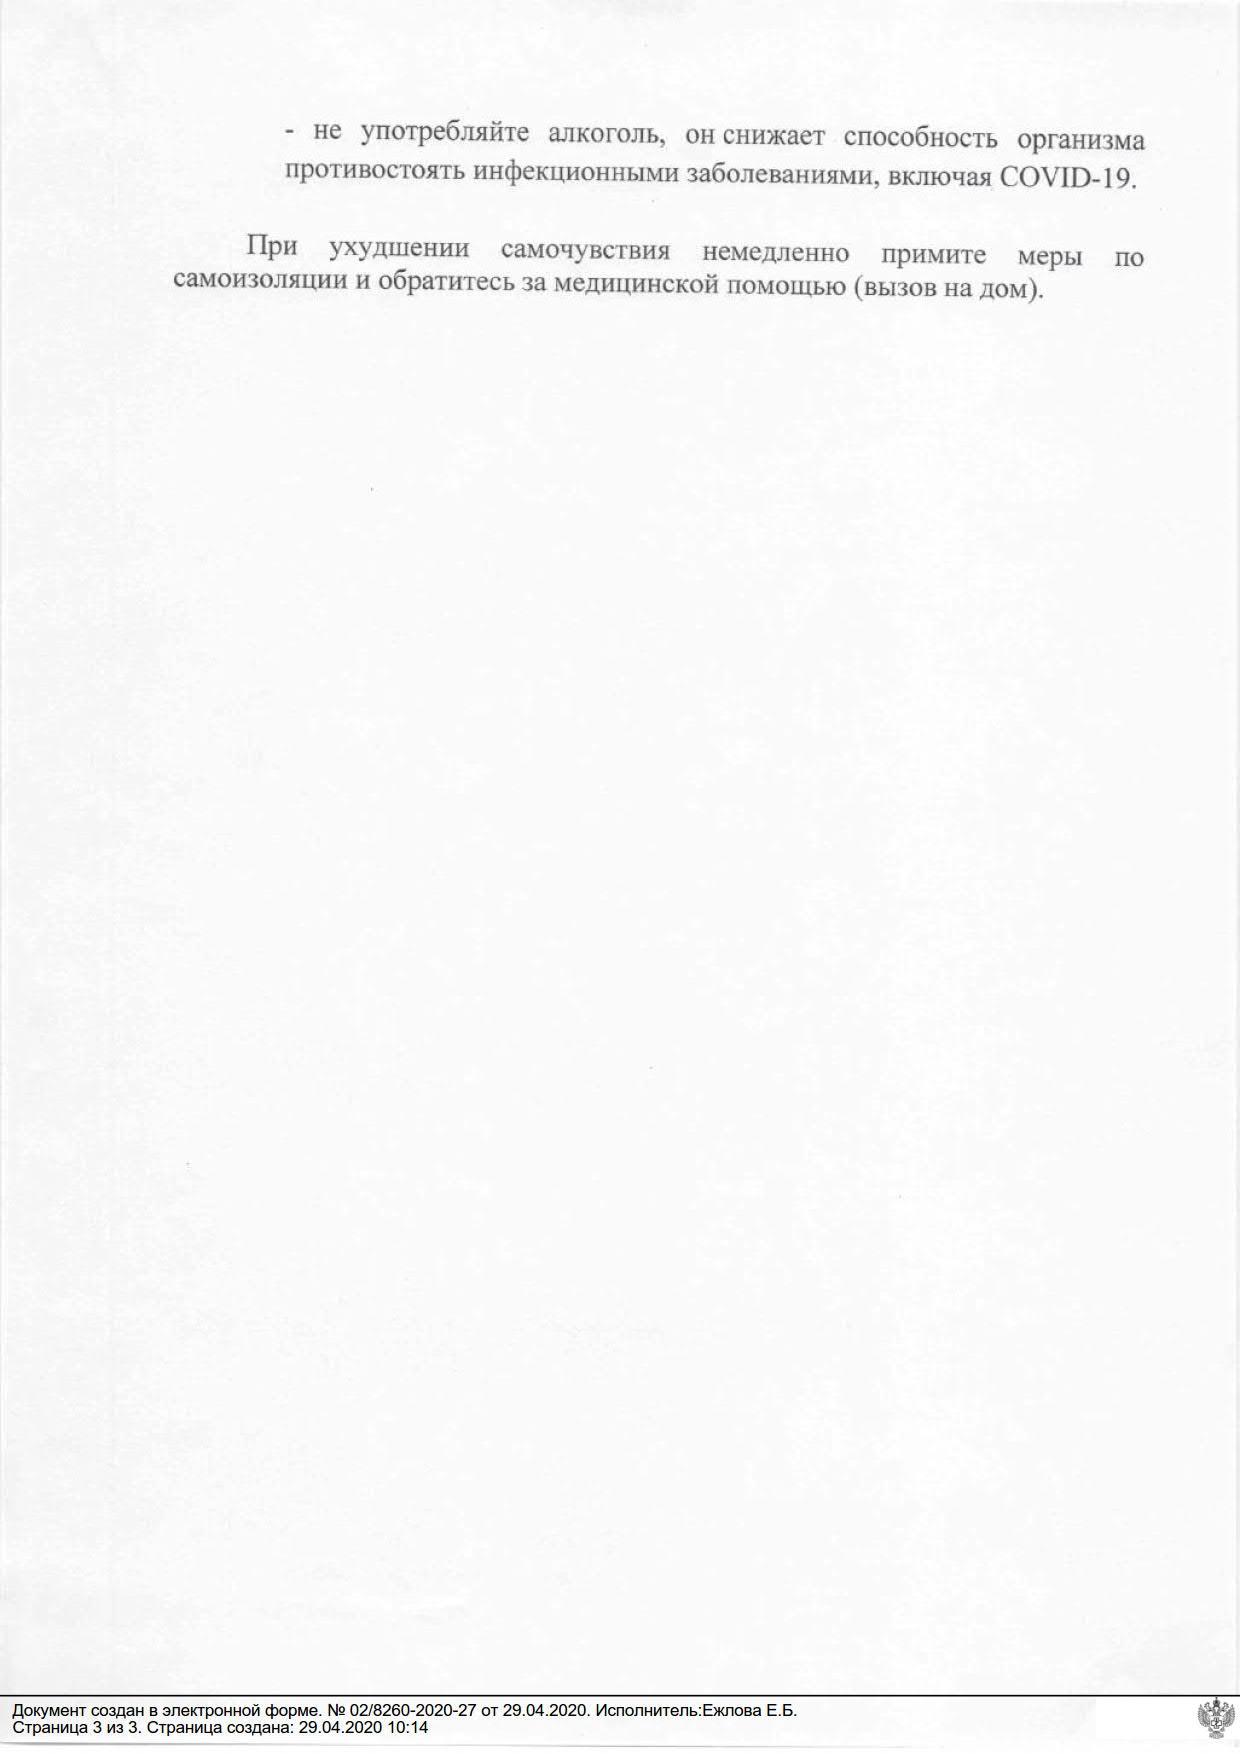 29.04.2020_47-4452-2020_Попова_А.Ю._Аппарат_Правительства_Республики_Башкортостан_2